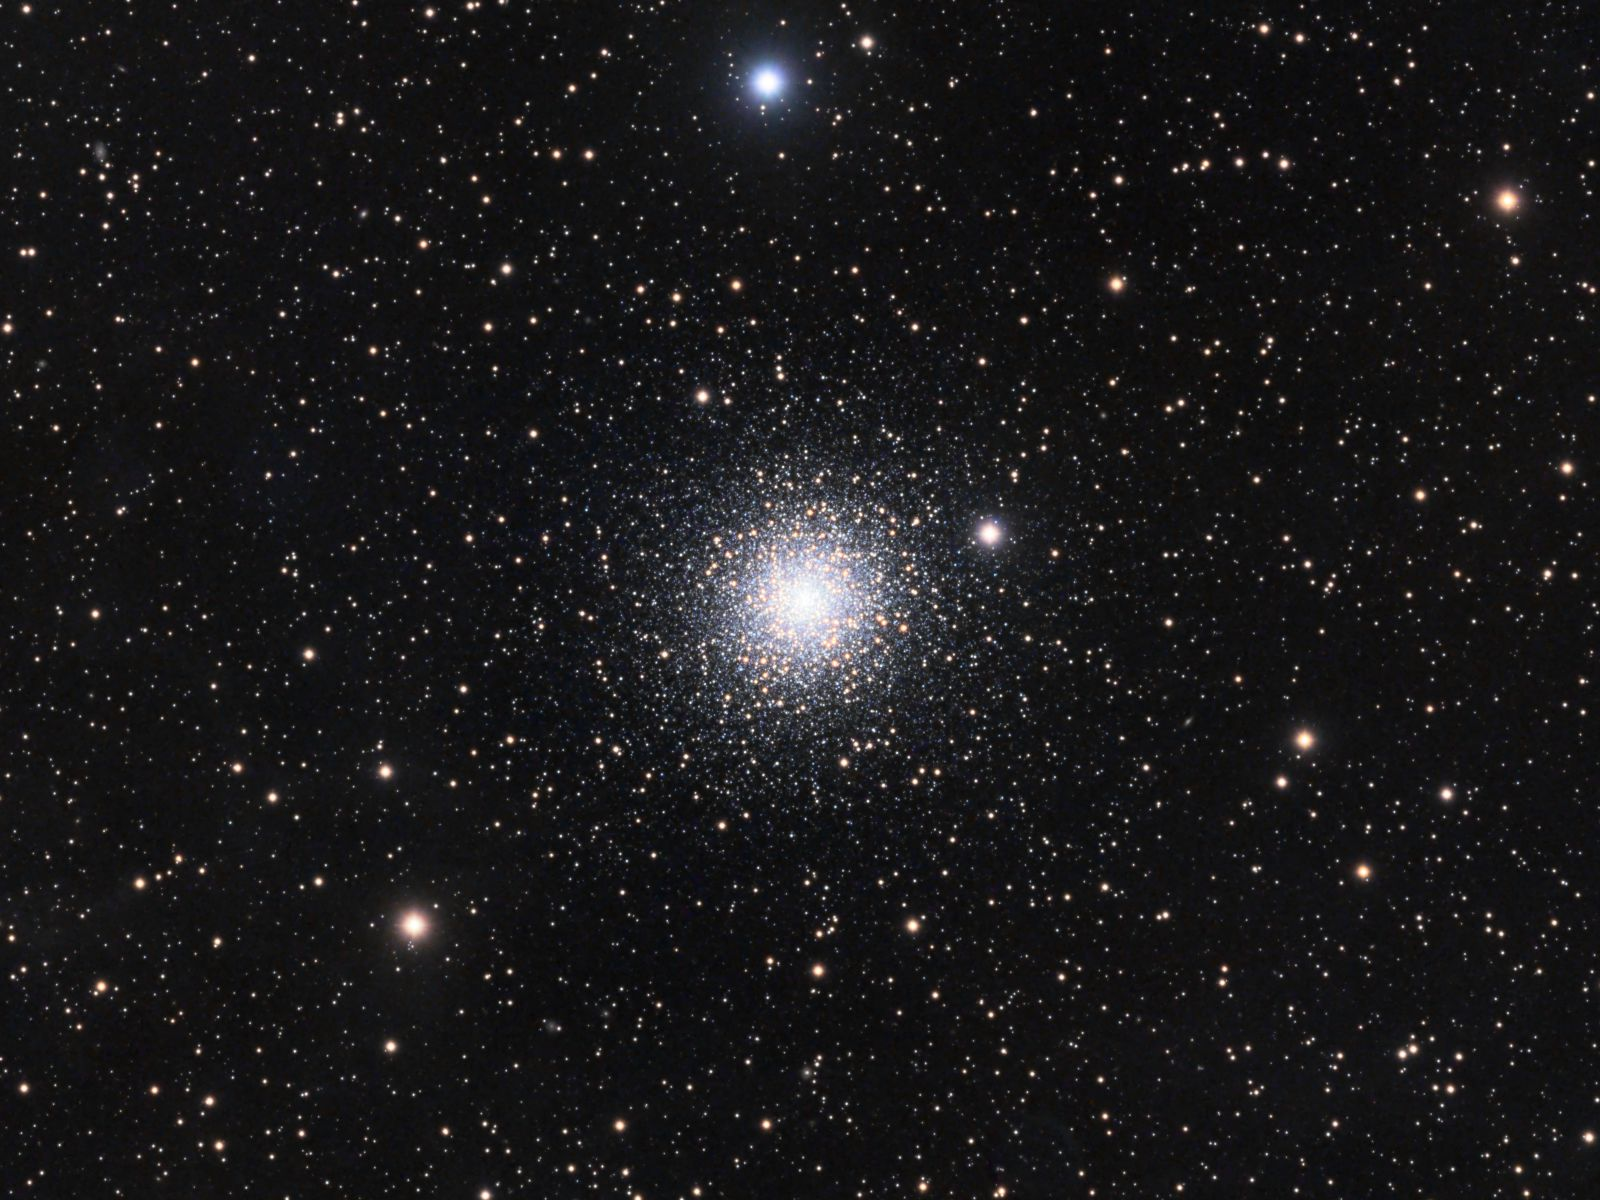 Messier 15